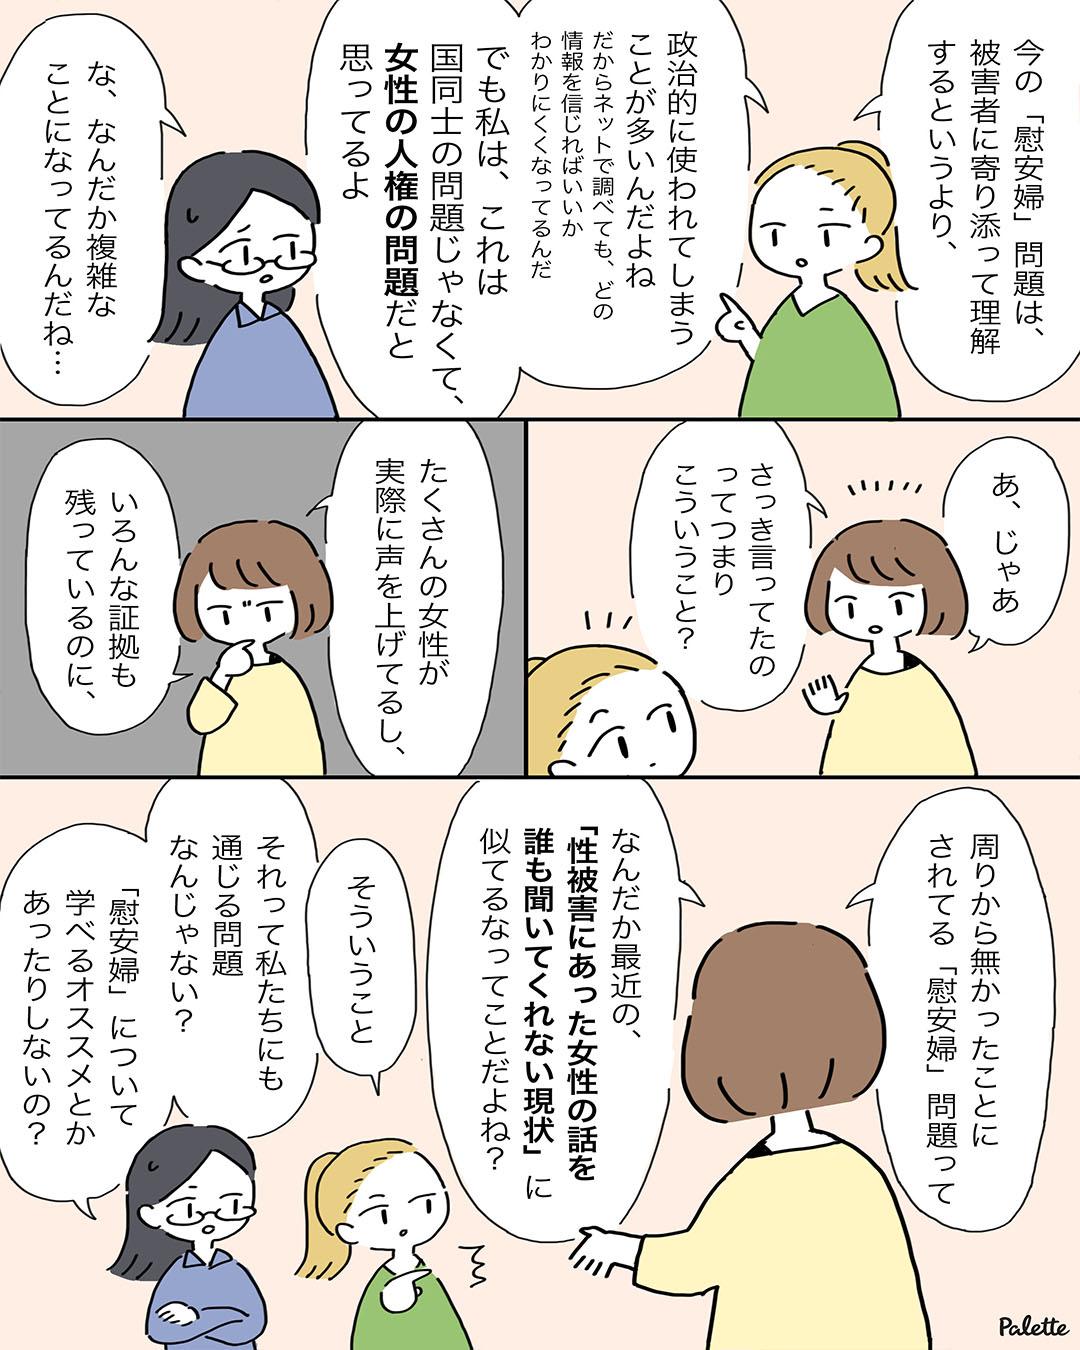 慰安婦03_インスタ.jpg